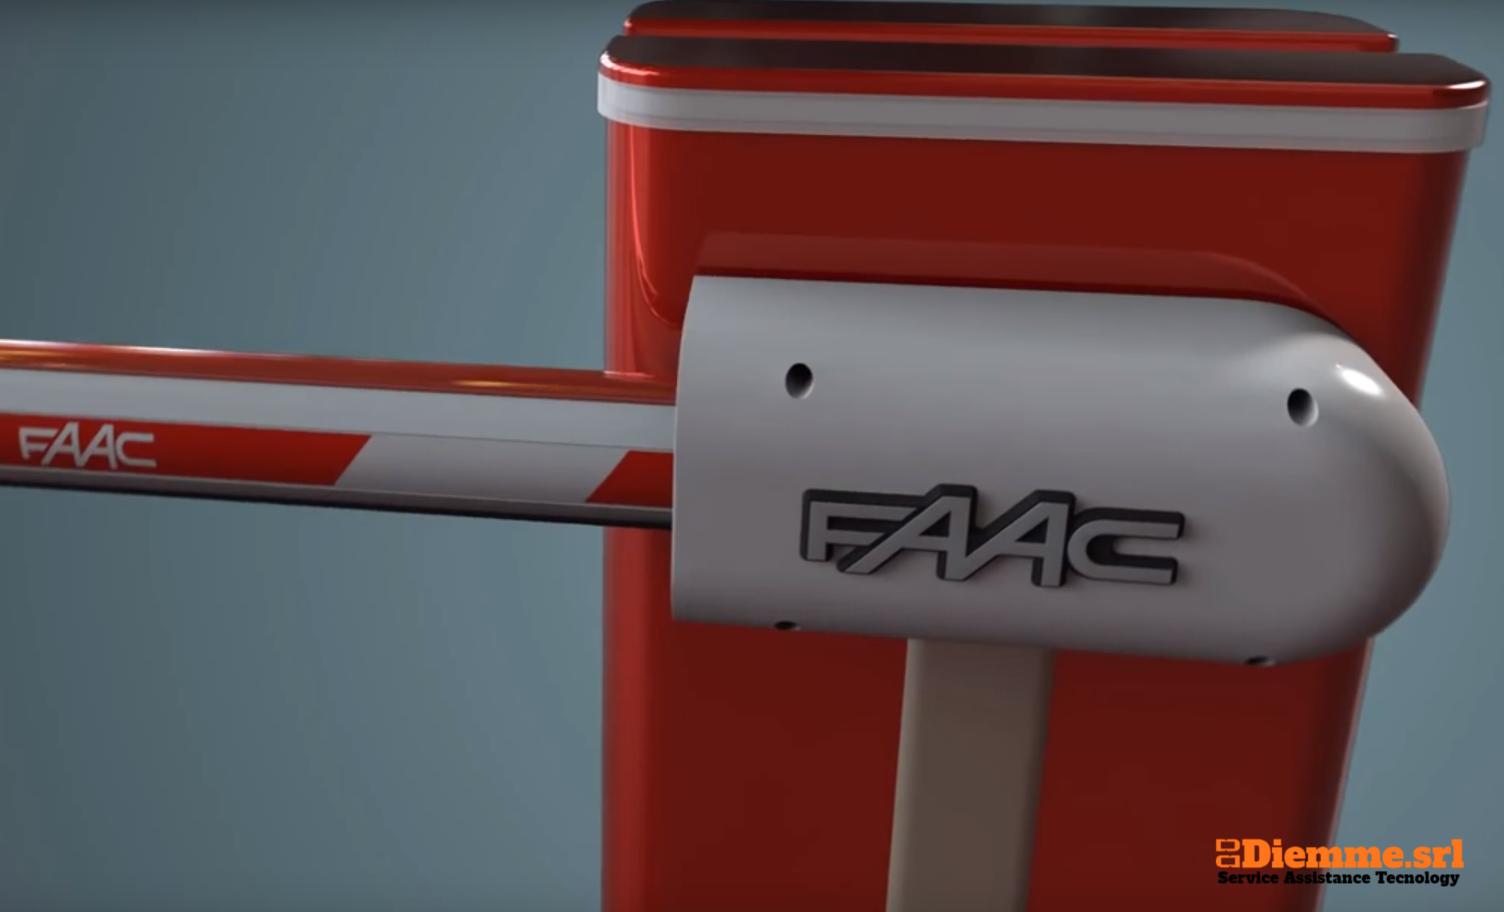 FAAC Roma centro assistenza ufficiale corpo barriera - riparazione barriere - barriera FAAC - fornitura barriera - barriera automatica FAAC